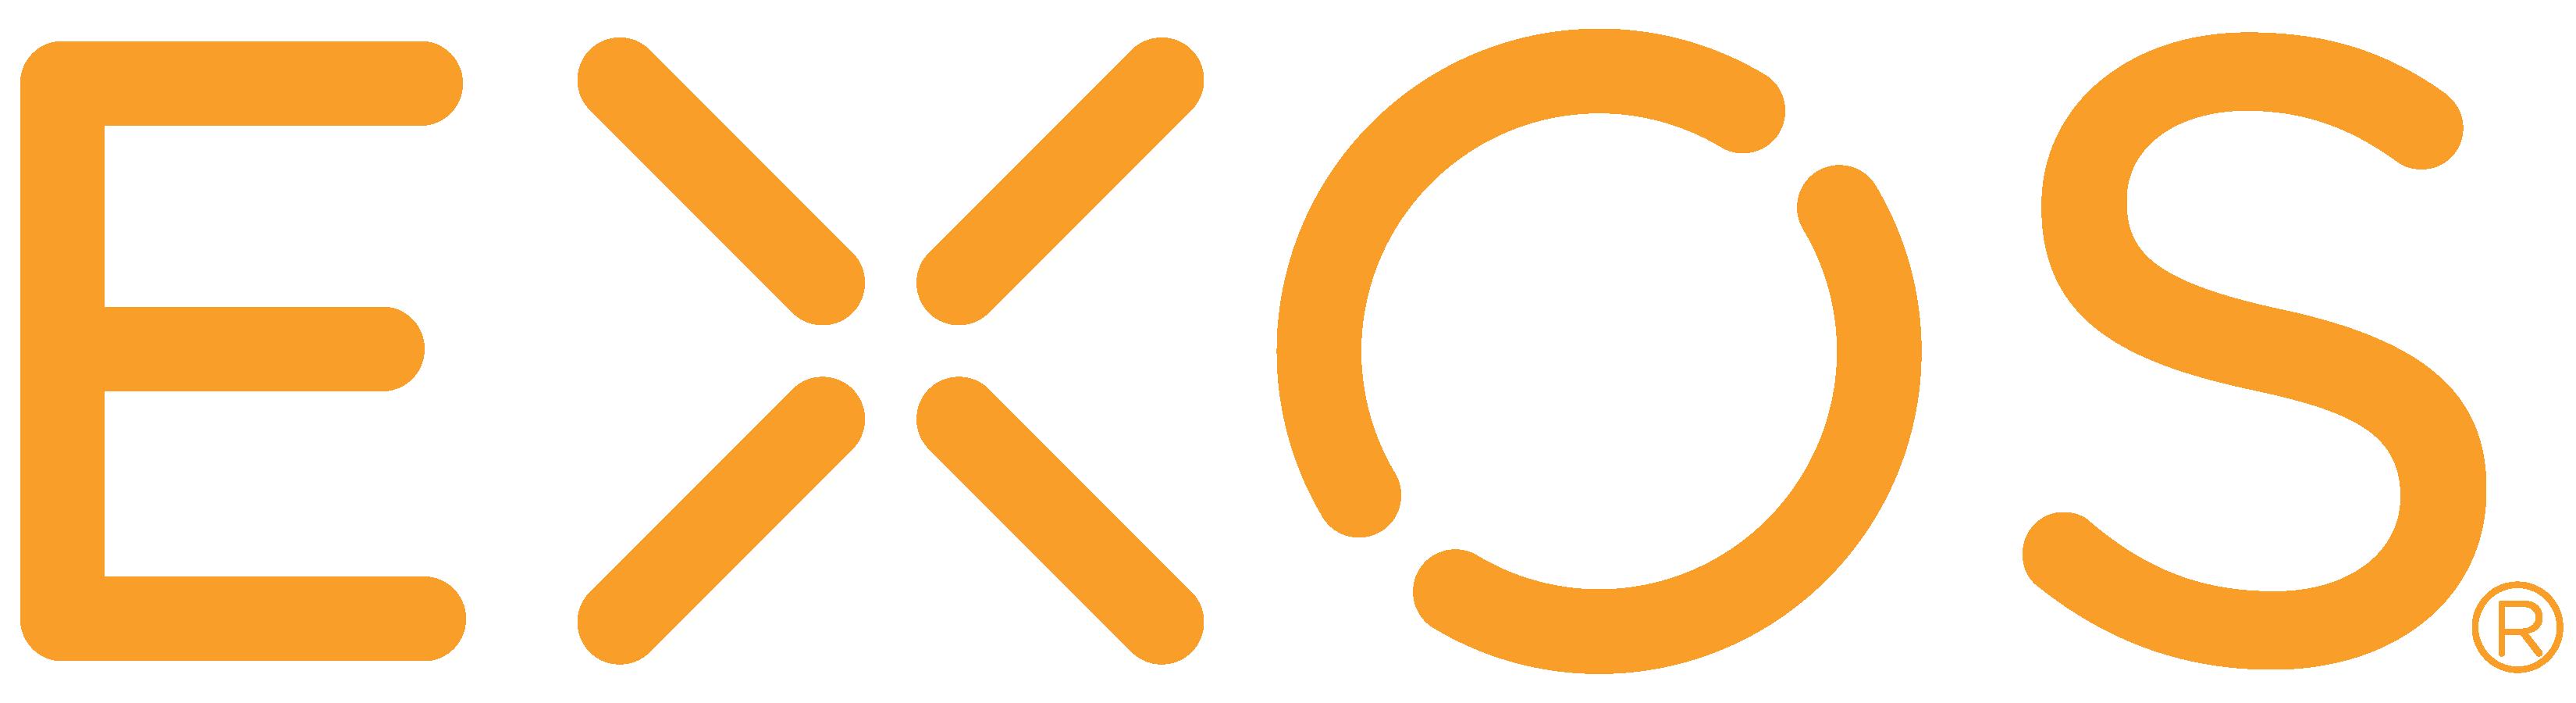 EXOS_Logo_SignalOrange